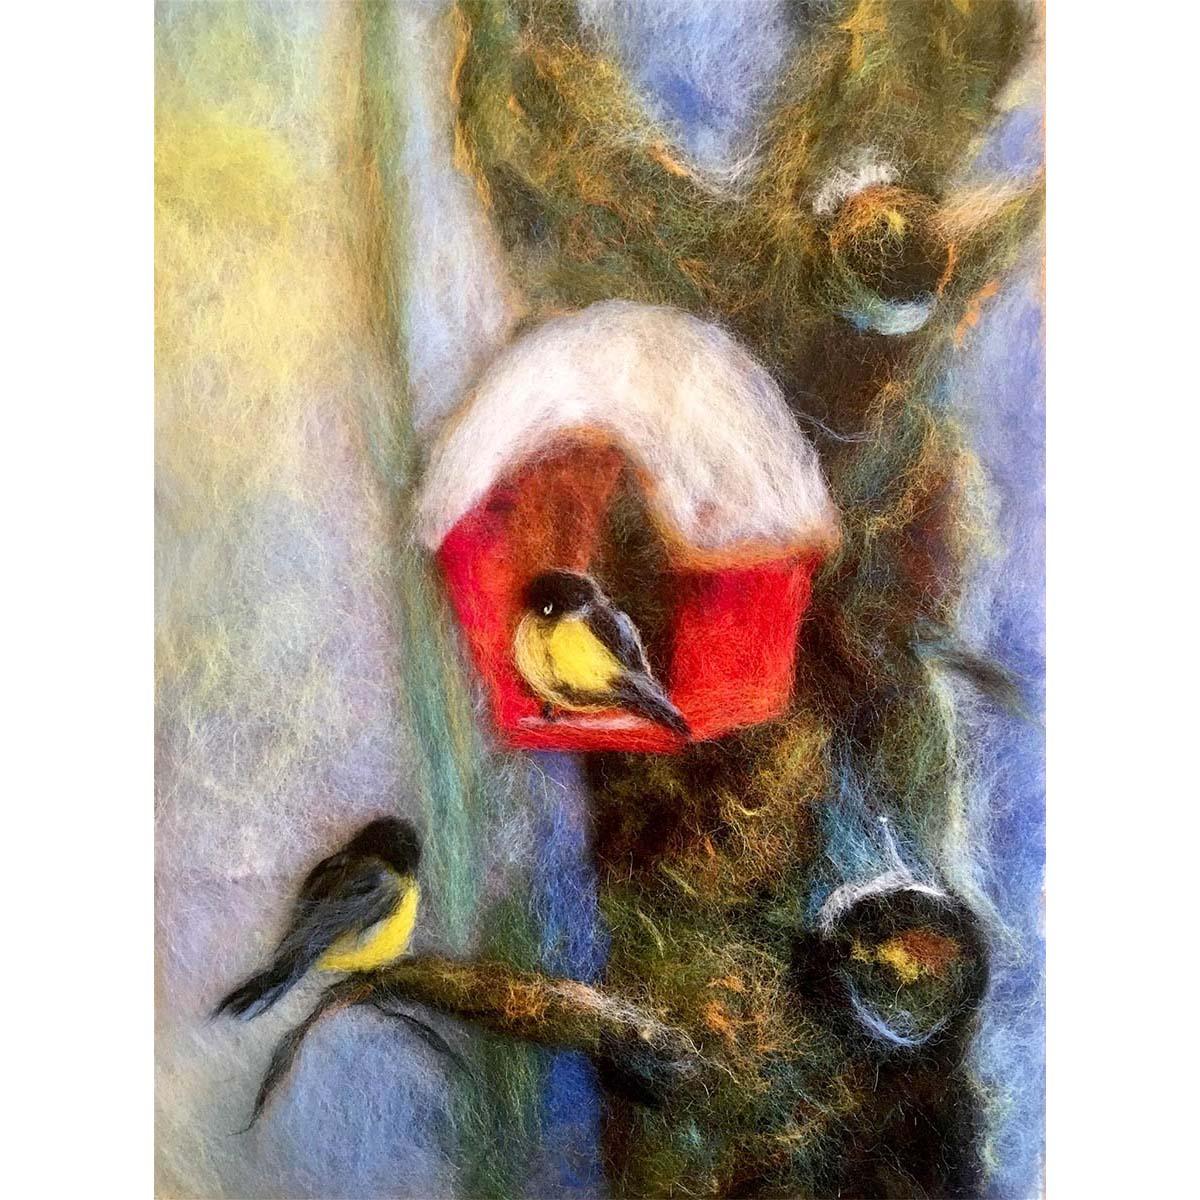 Набор для валяния (живопись цветной шерстью) 'На зимовке' 21x29,7см (А4)